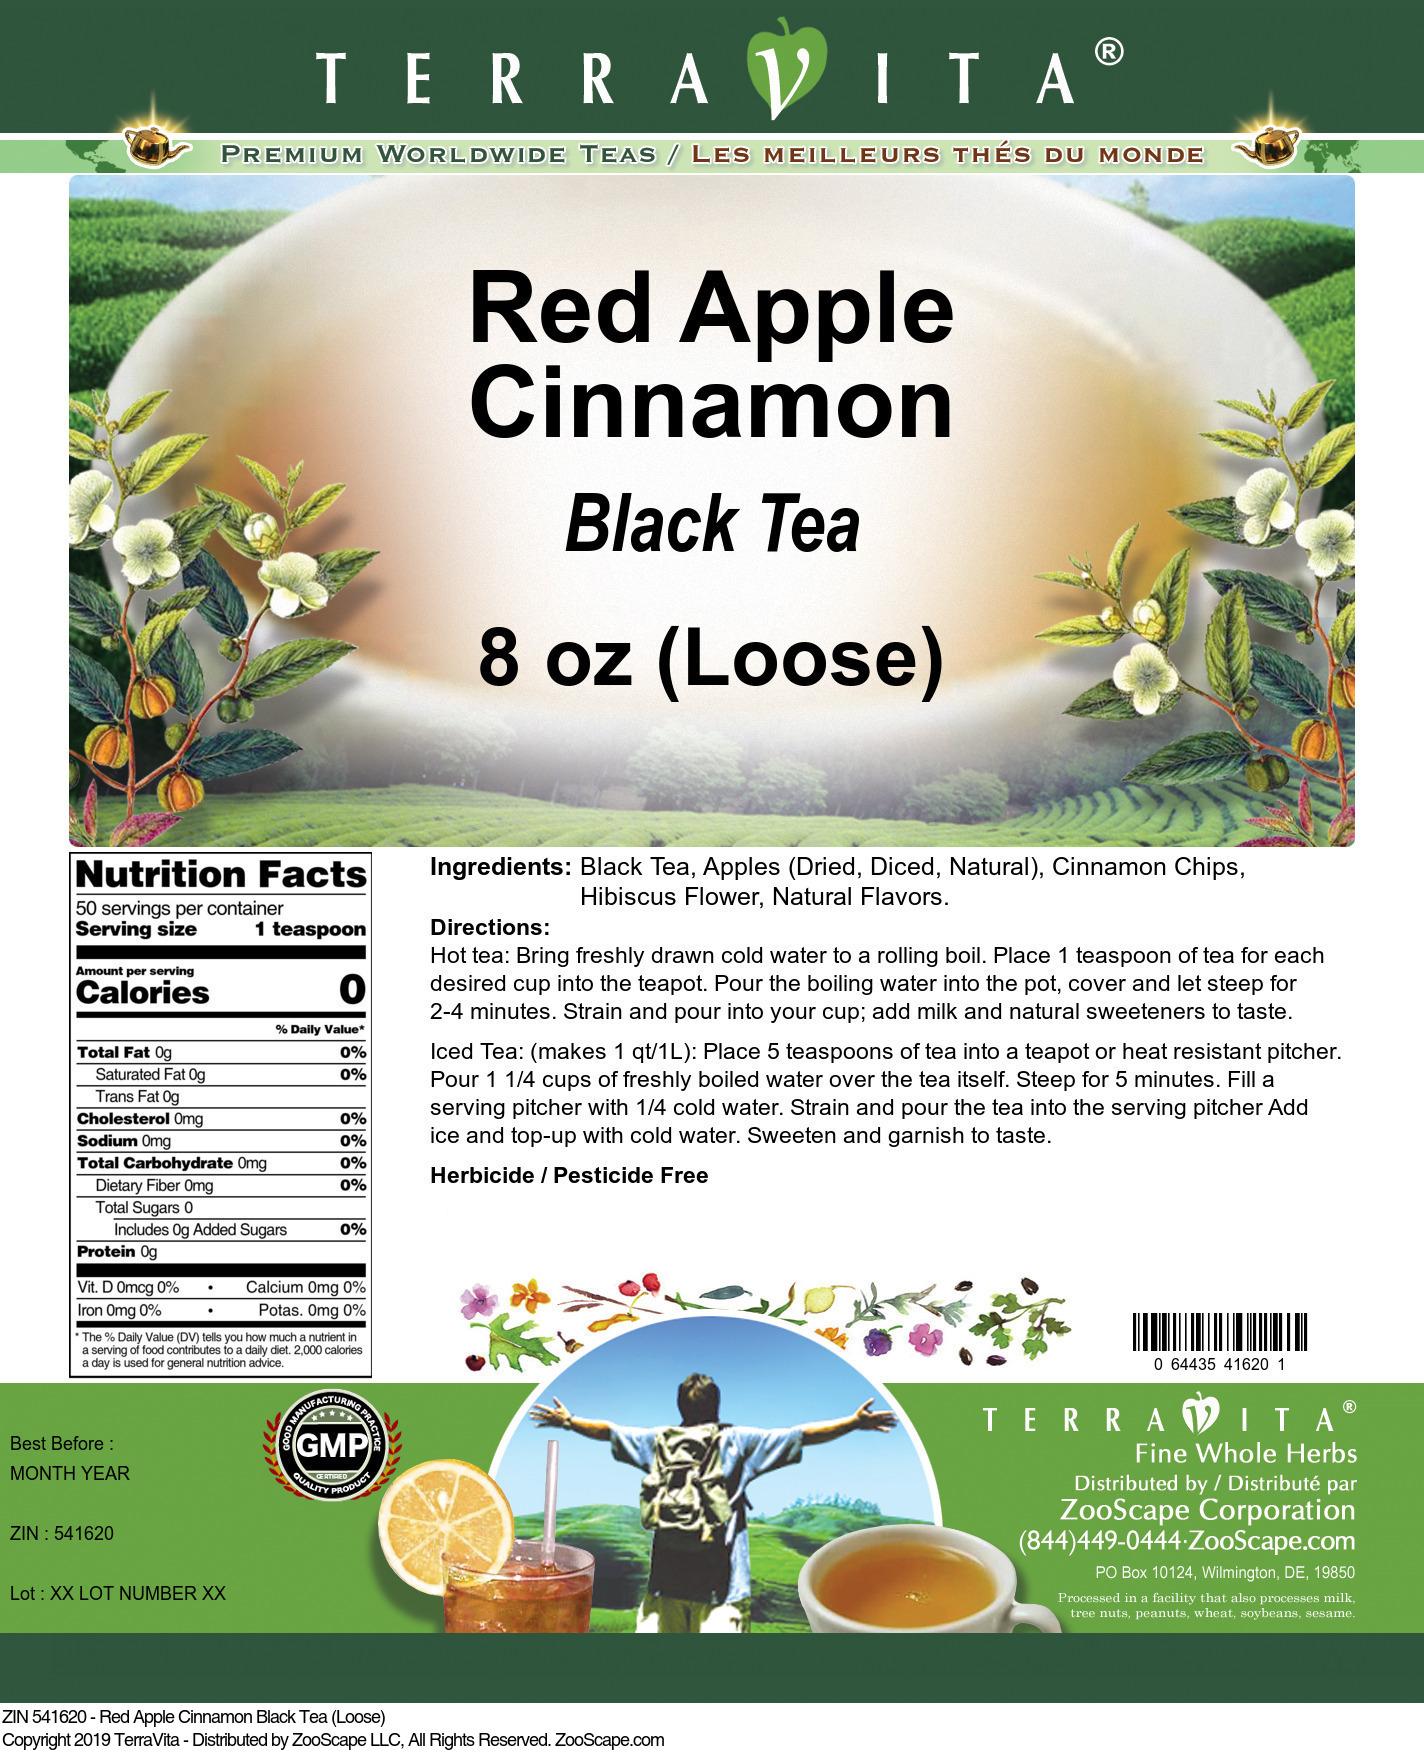 Red Apple Cinnamon Black Tea (Loose)